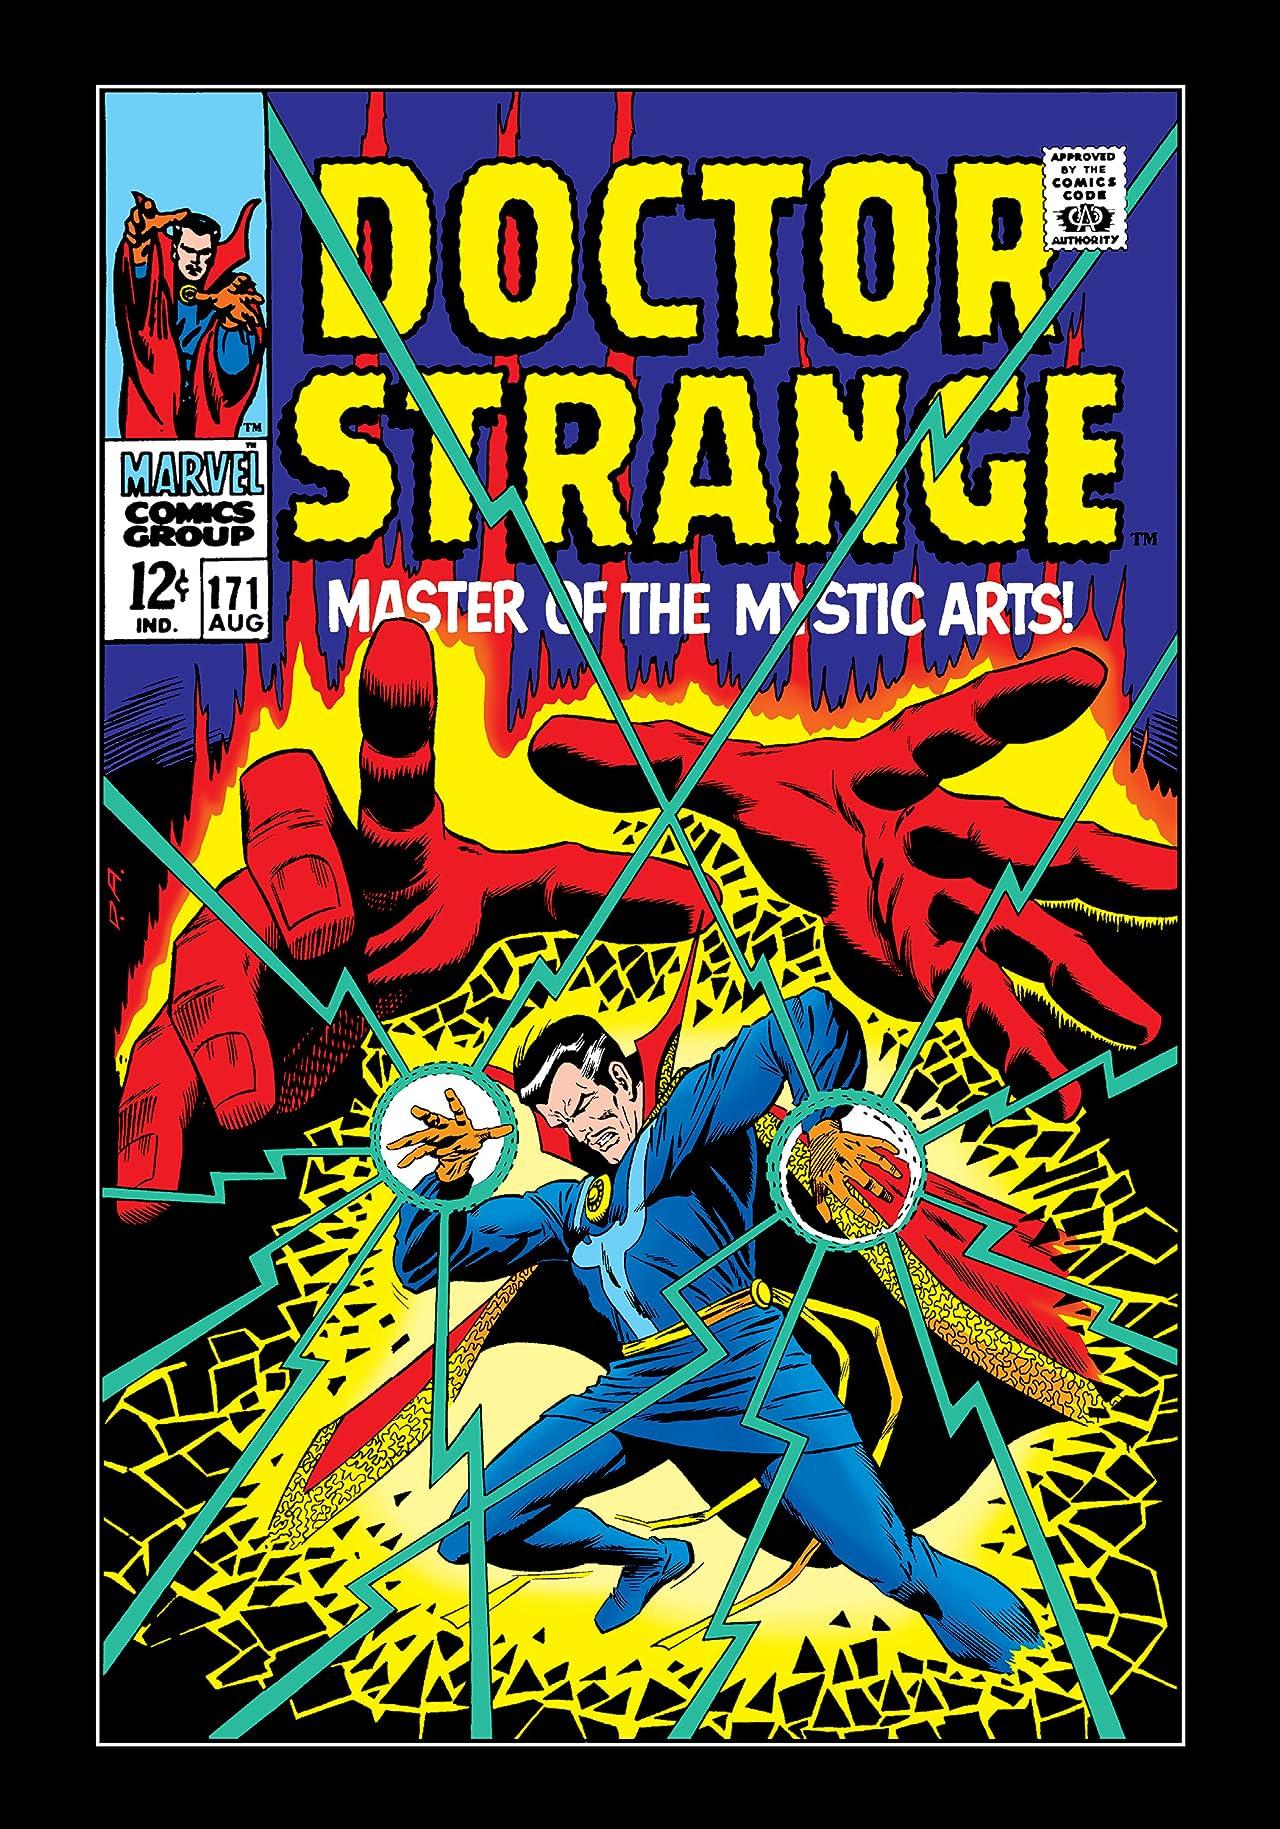 Doctor Strange (1968-1969) #171